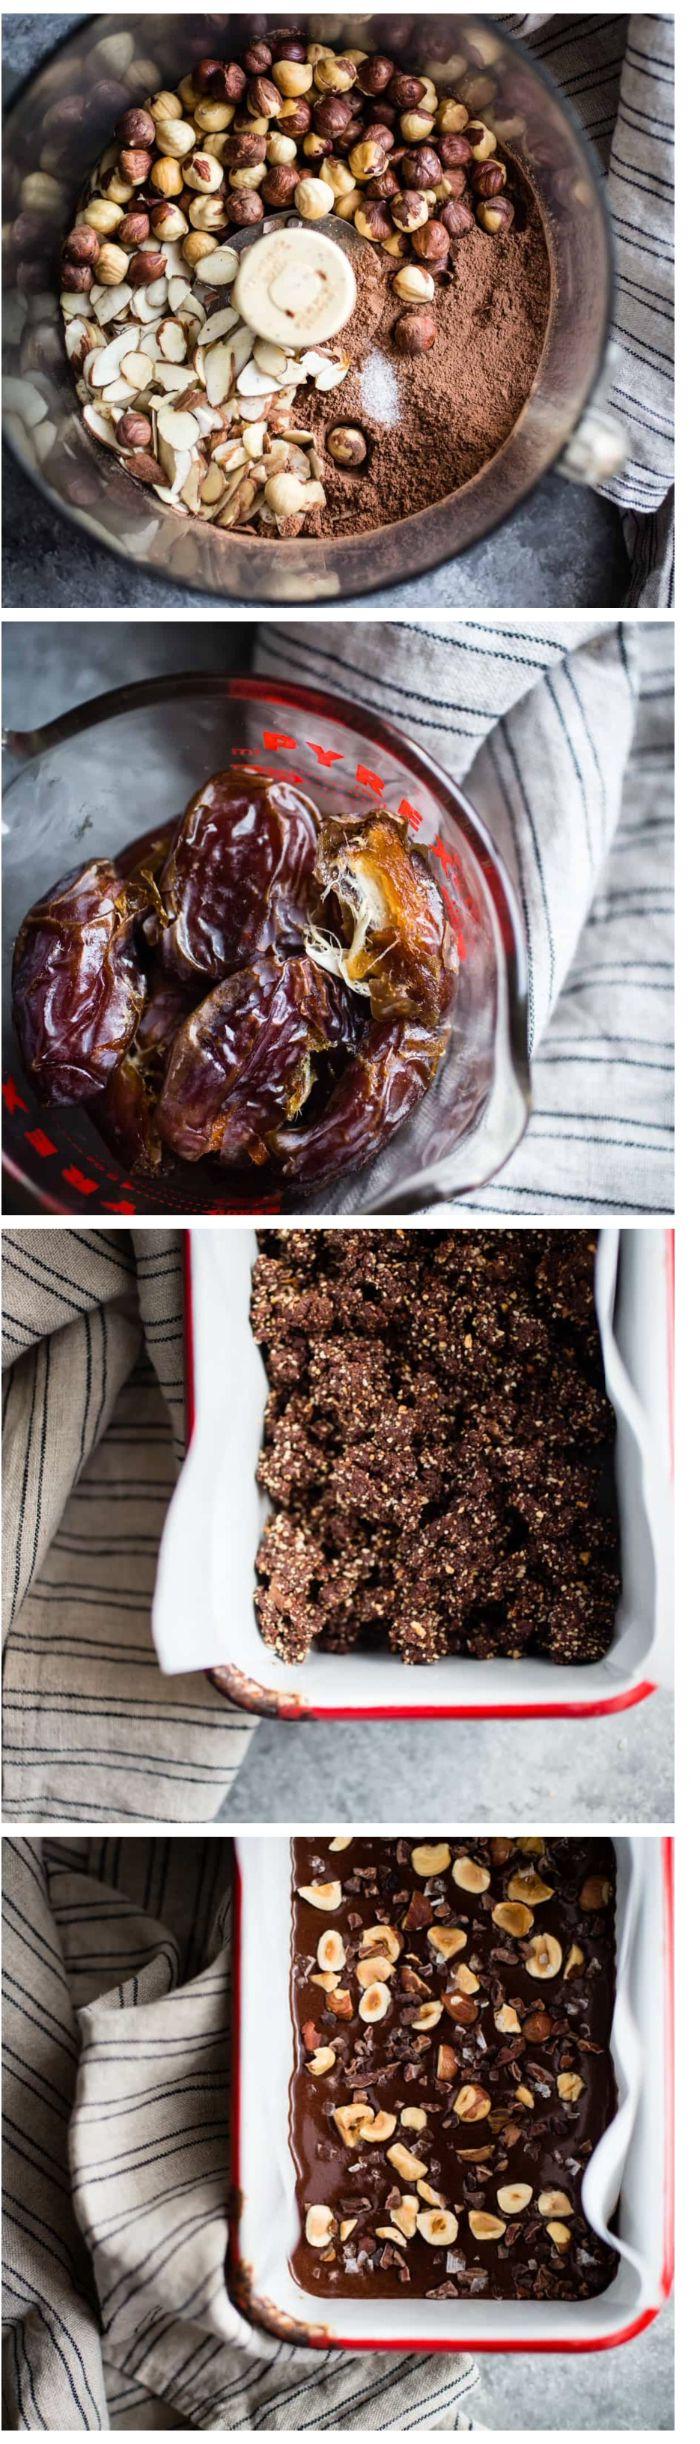 recette pour faire brownies maison, idee gateau sans cuisson simple, bronwies aux noix et dattes a faire soi meme